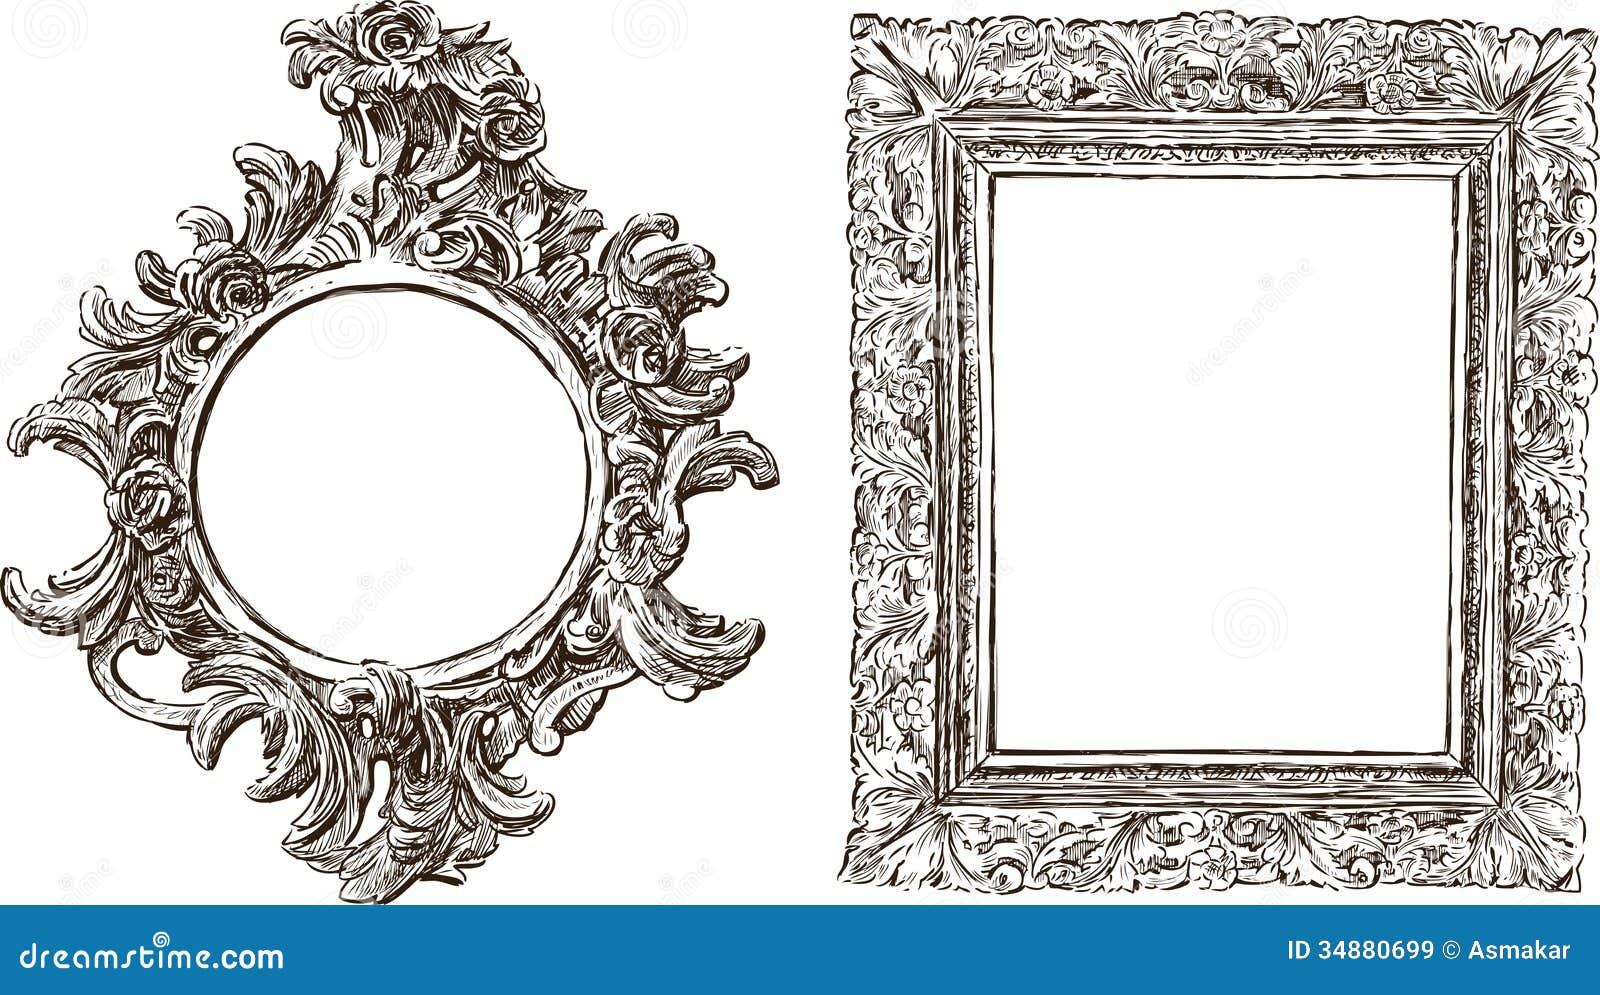 Asombroso Viejos Marcos Ornamentados Foto - Ideas de Arte Enmarcado ...